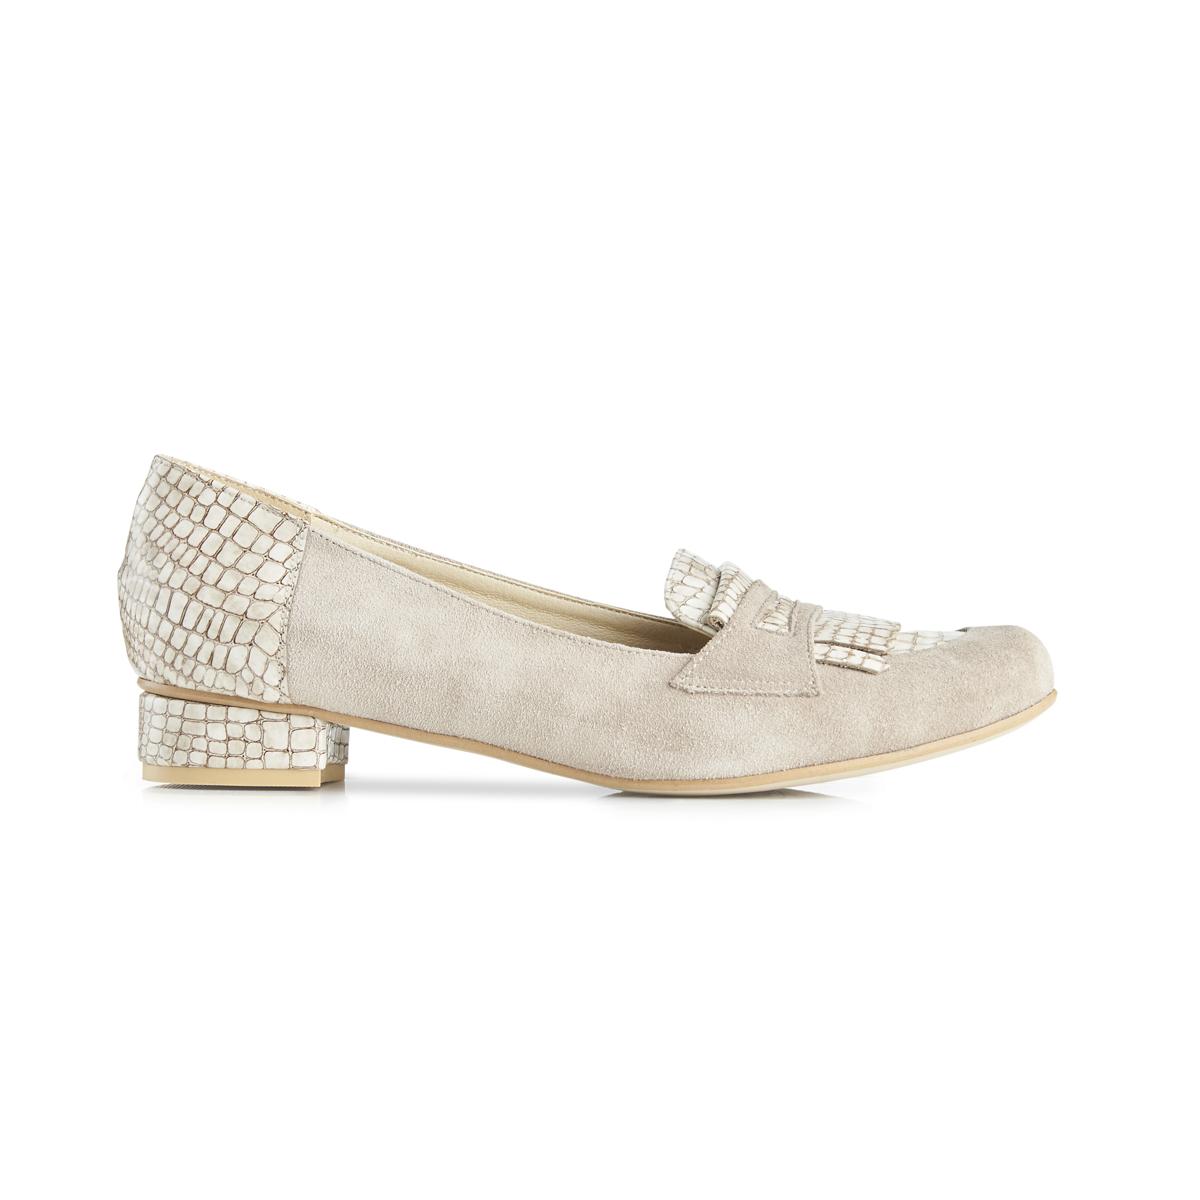 Anna suede loafer - beige